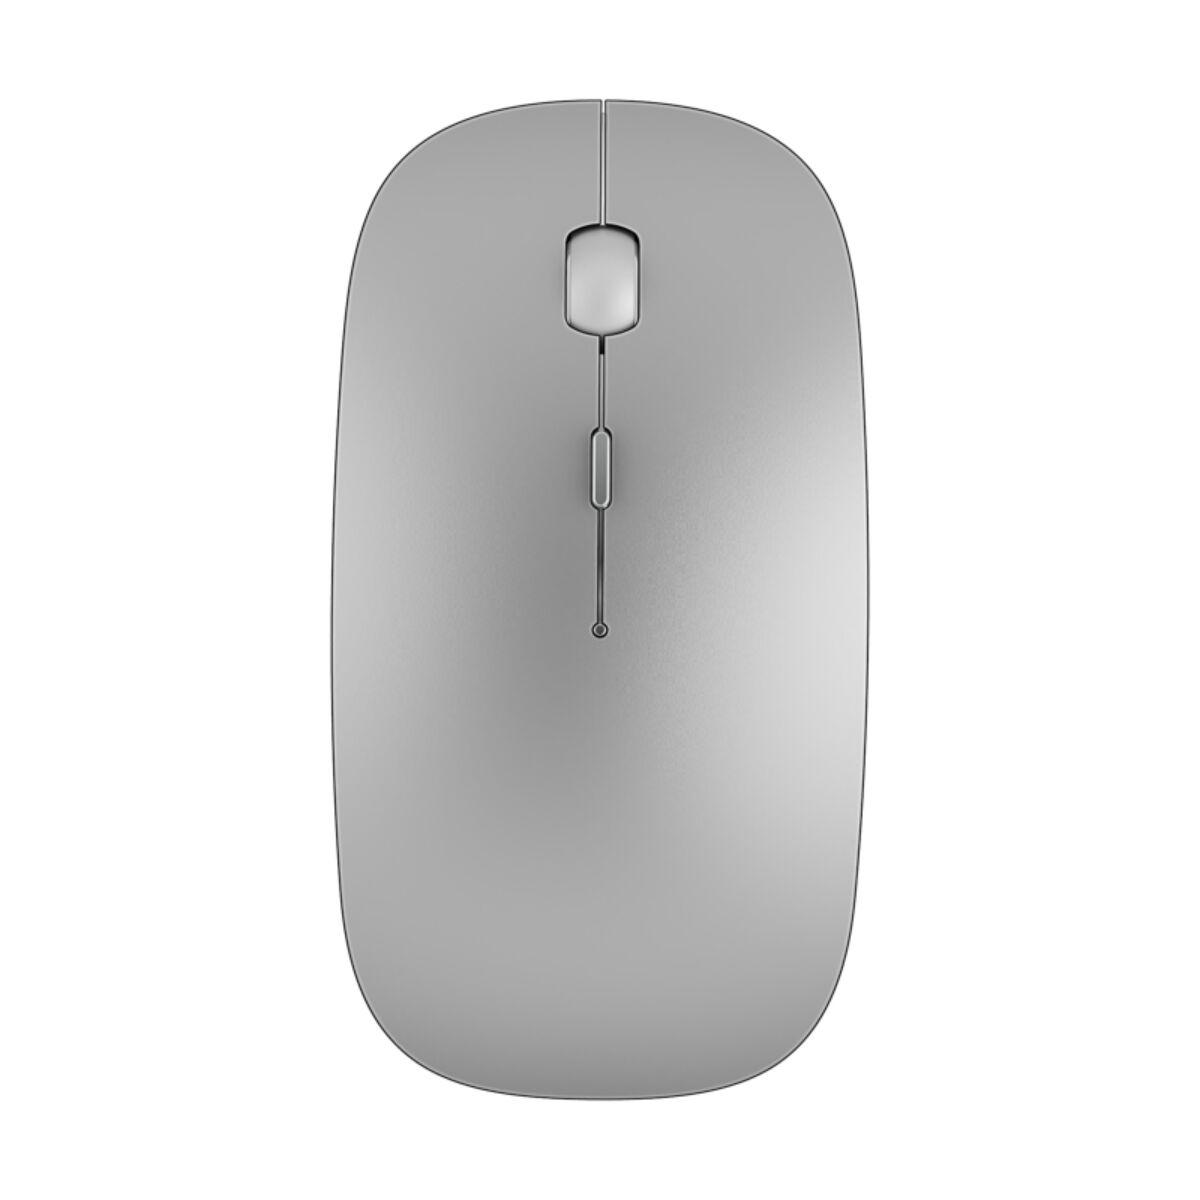 WiWU Egér, Wimic Lite WM101, Bluetooth és vezeték nélküli kapcsolódás, 450 mAh, Ezüst